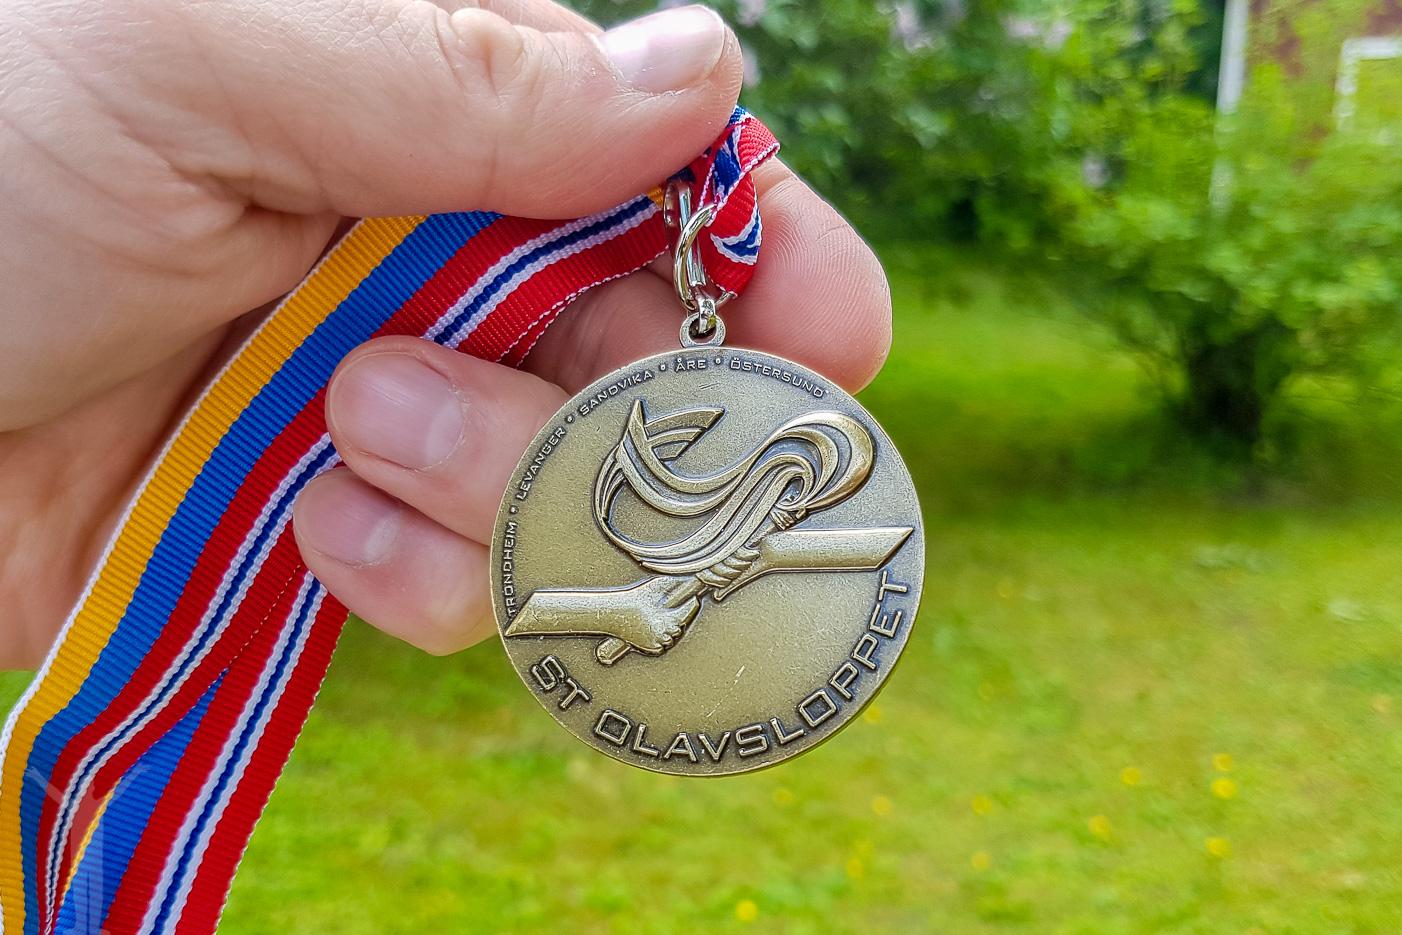 St Olavsloppet medalj